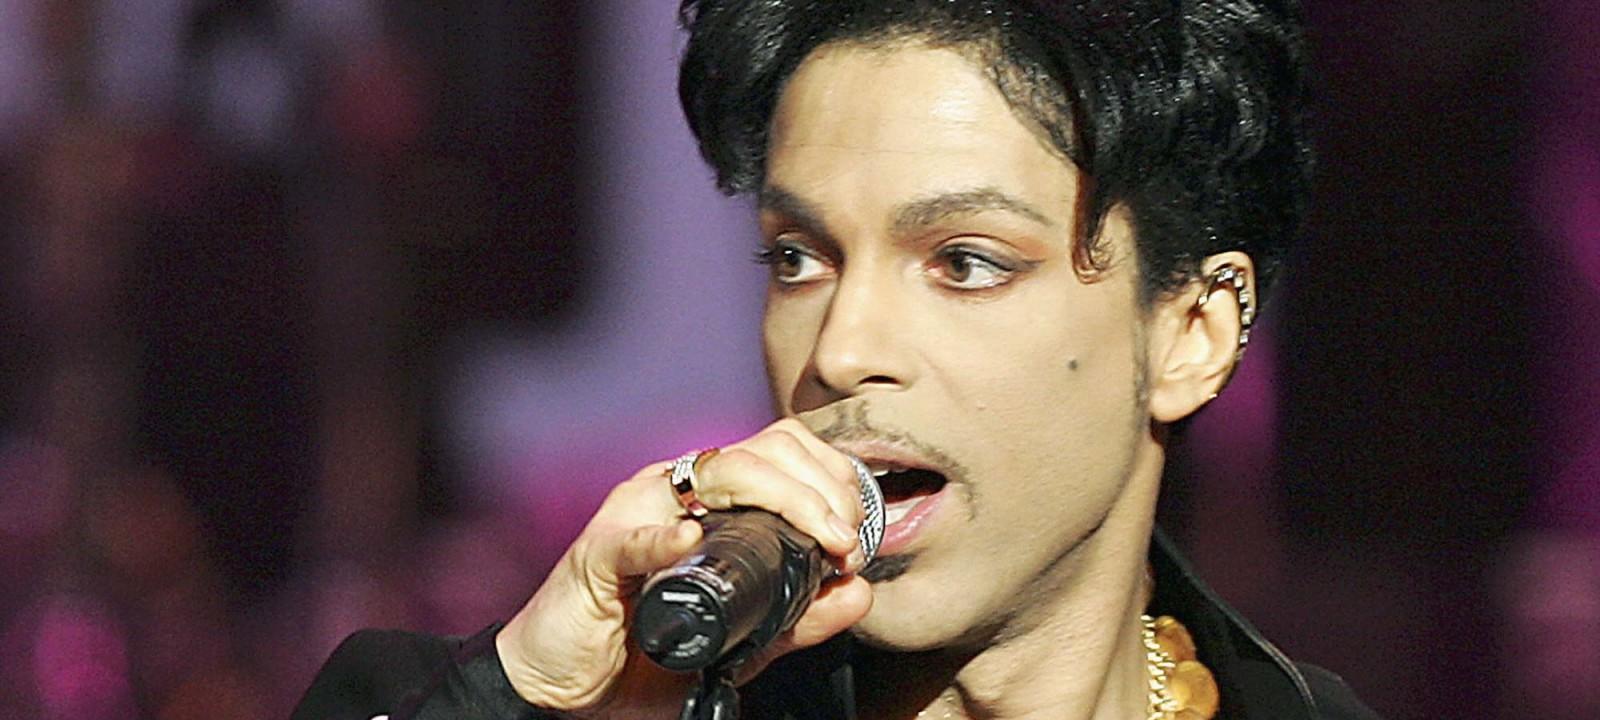 anglo_2000x1125_prince